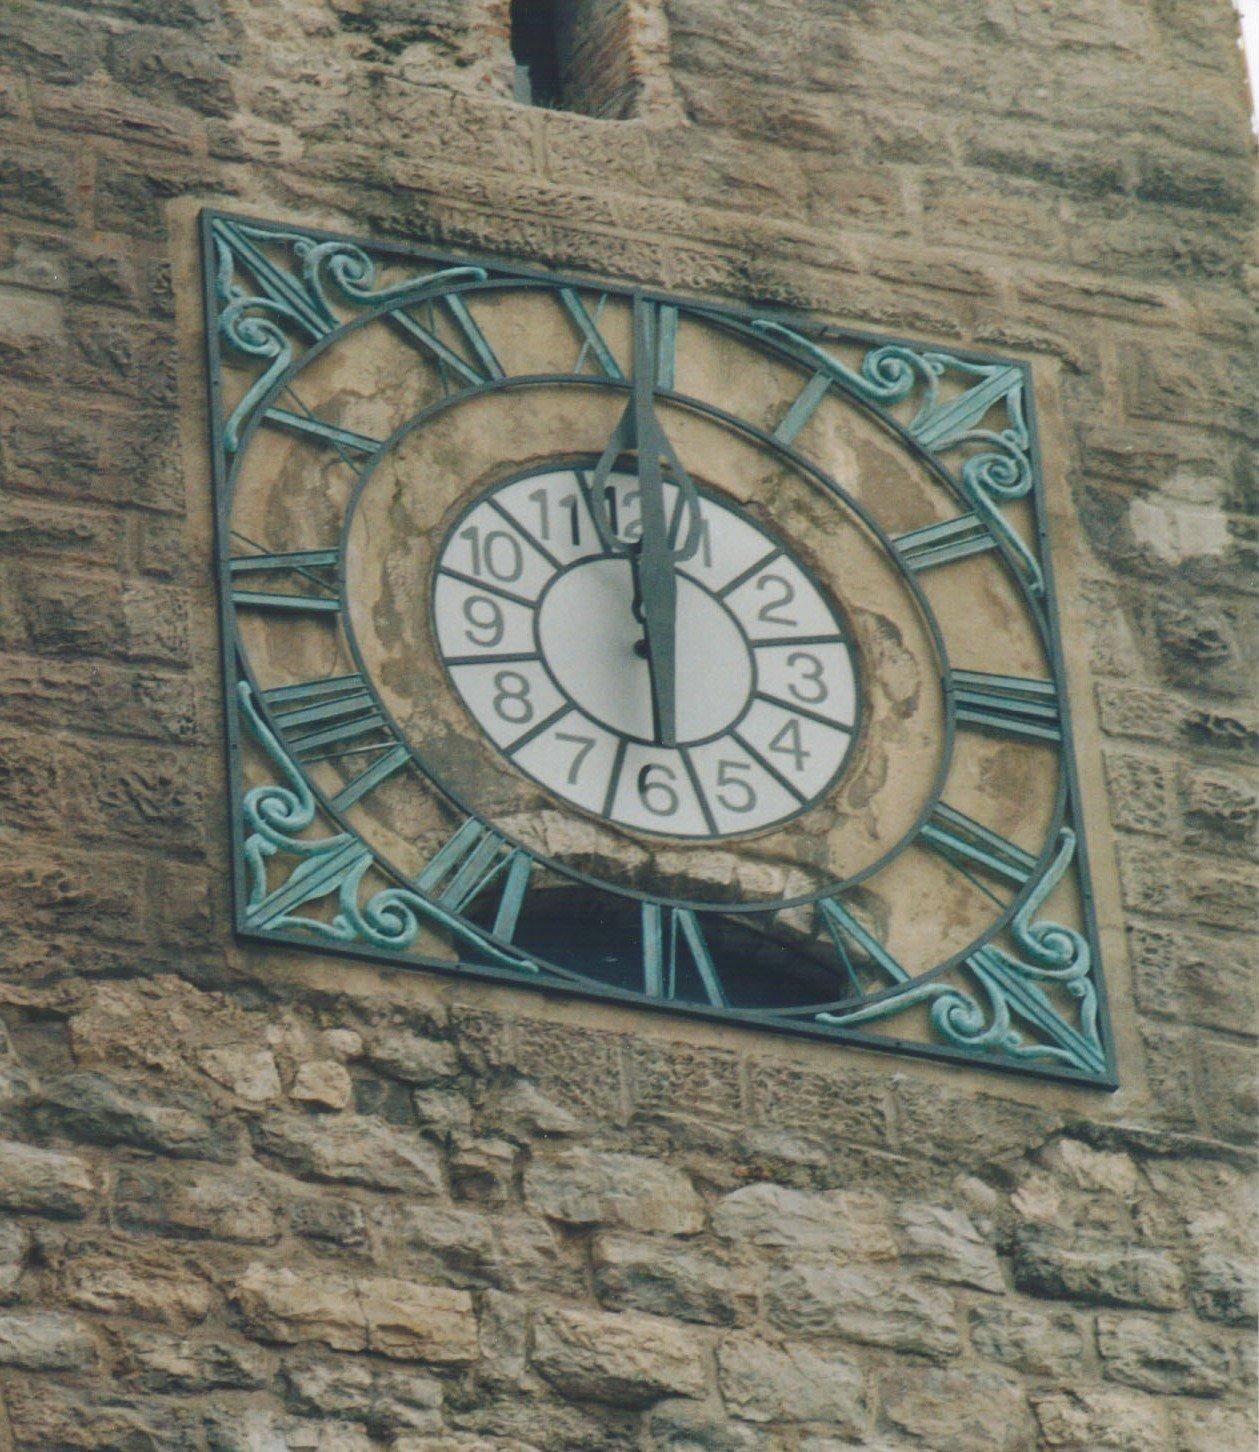 campanile con quadrante